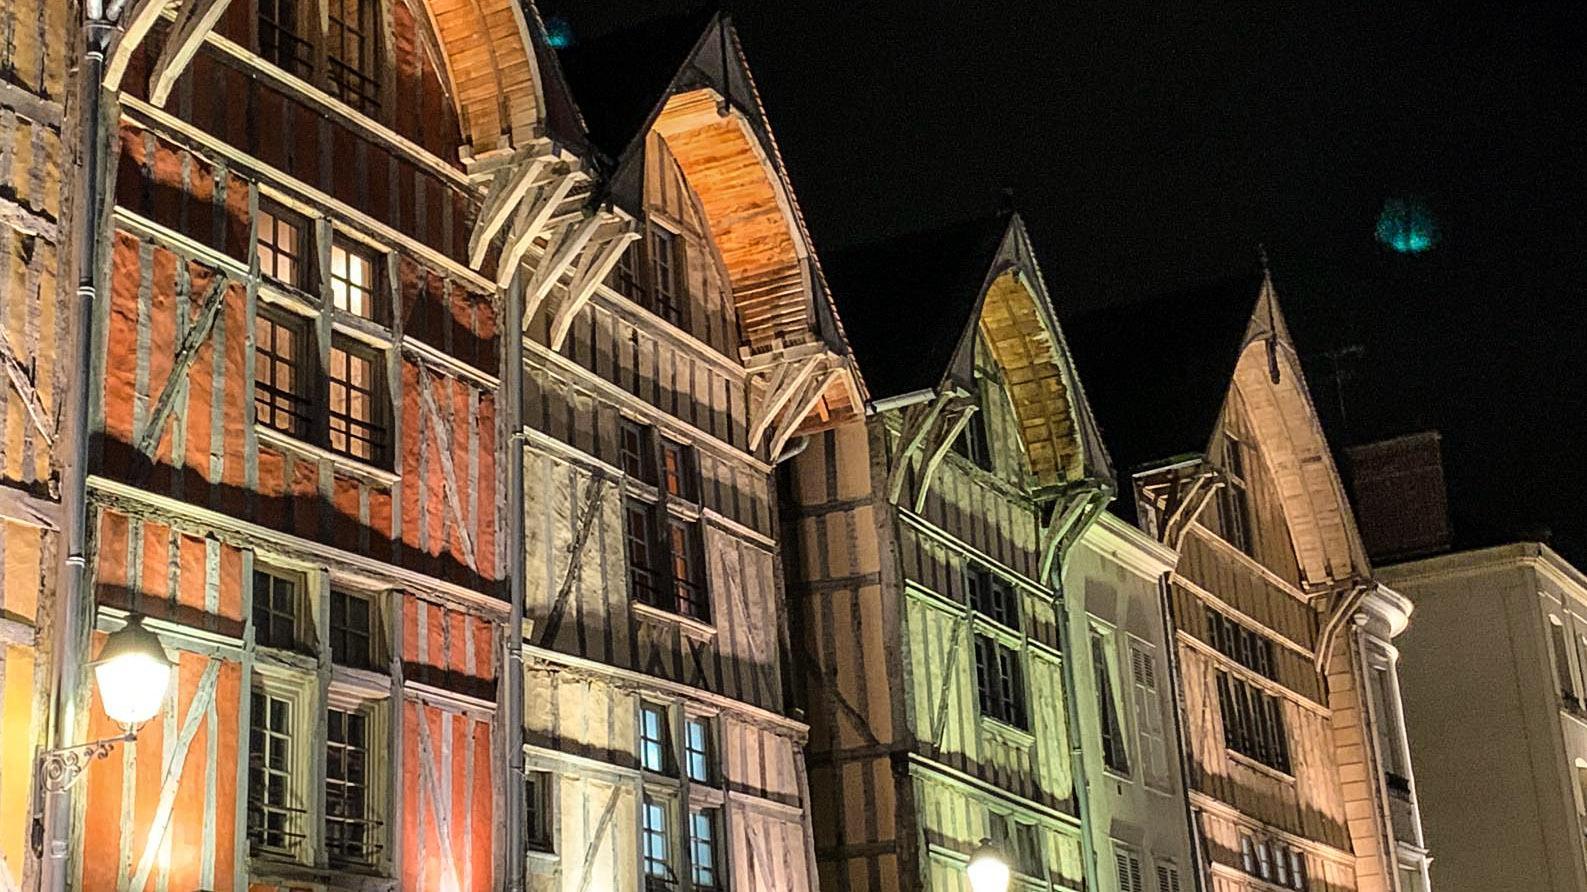 Troyes bei Nacht: richtig romantisch! Foto: Hilke Maunder